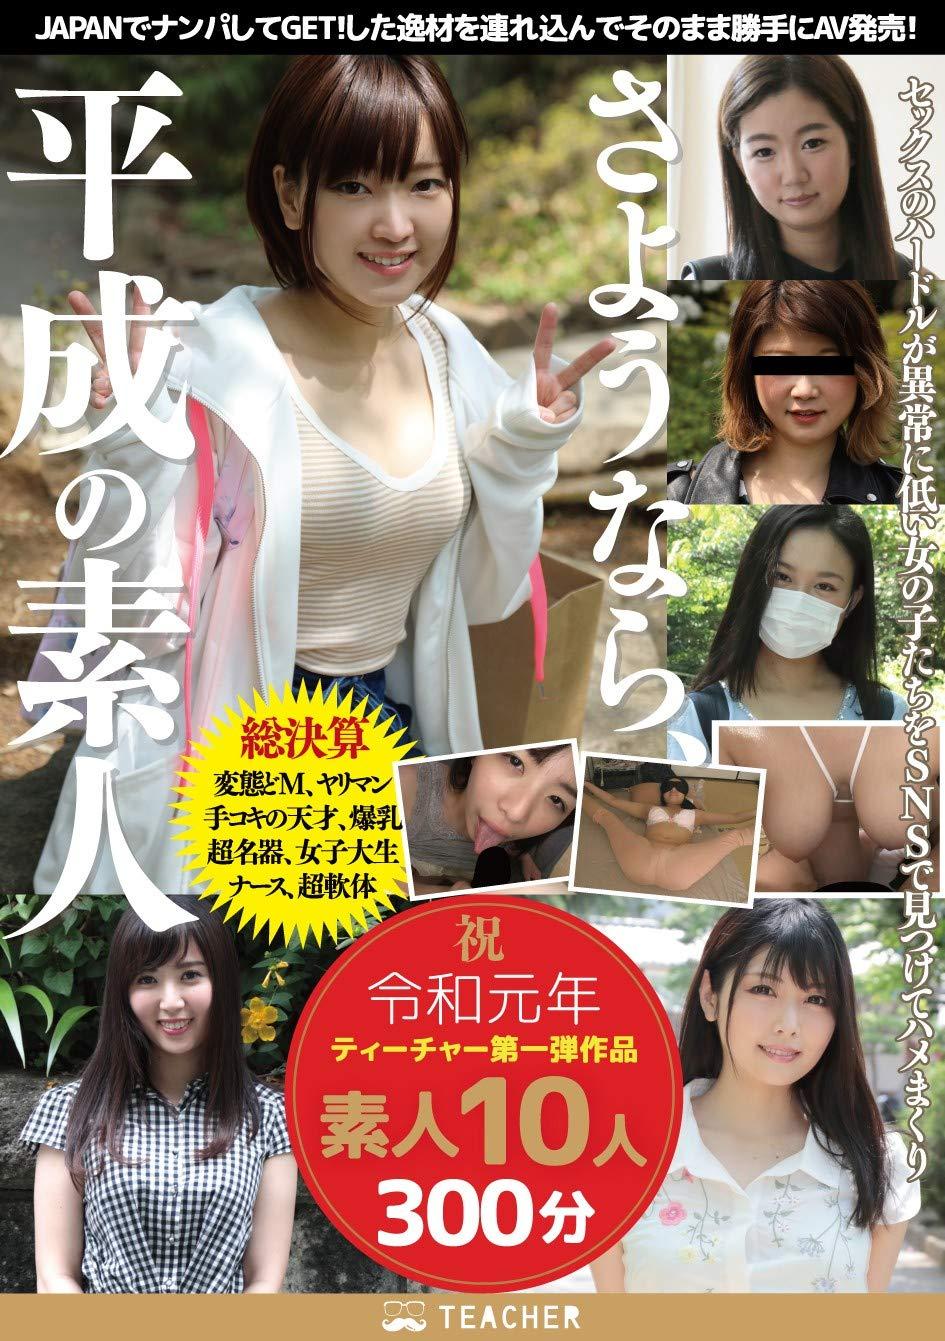 Japanese amateur HD